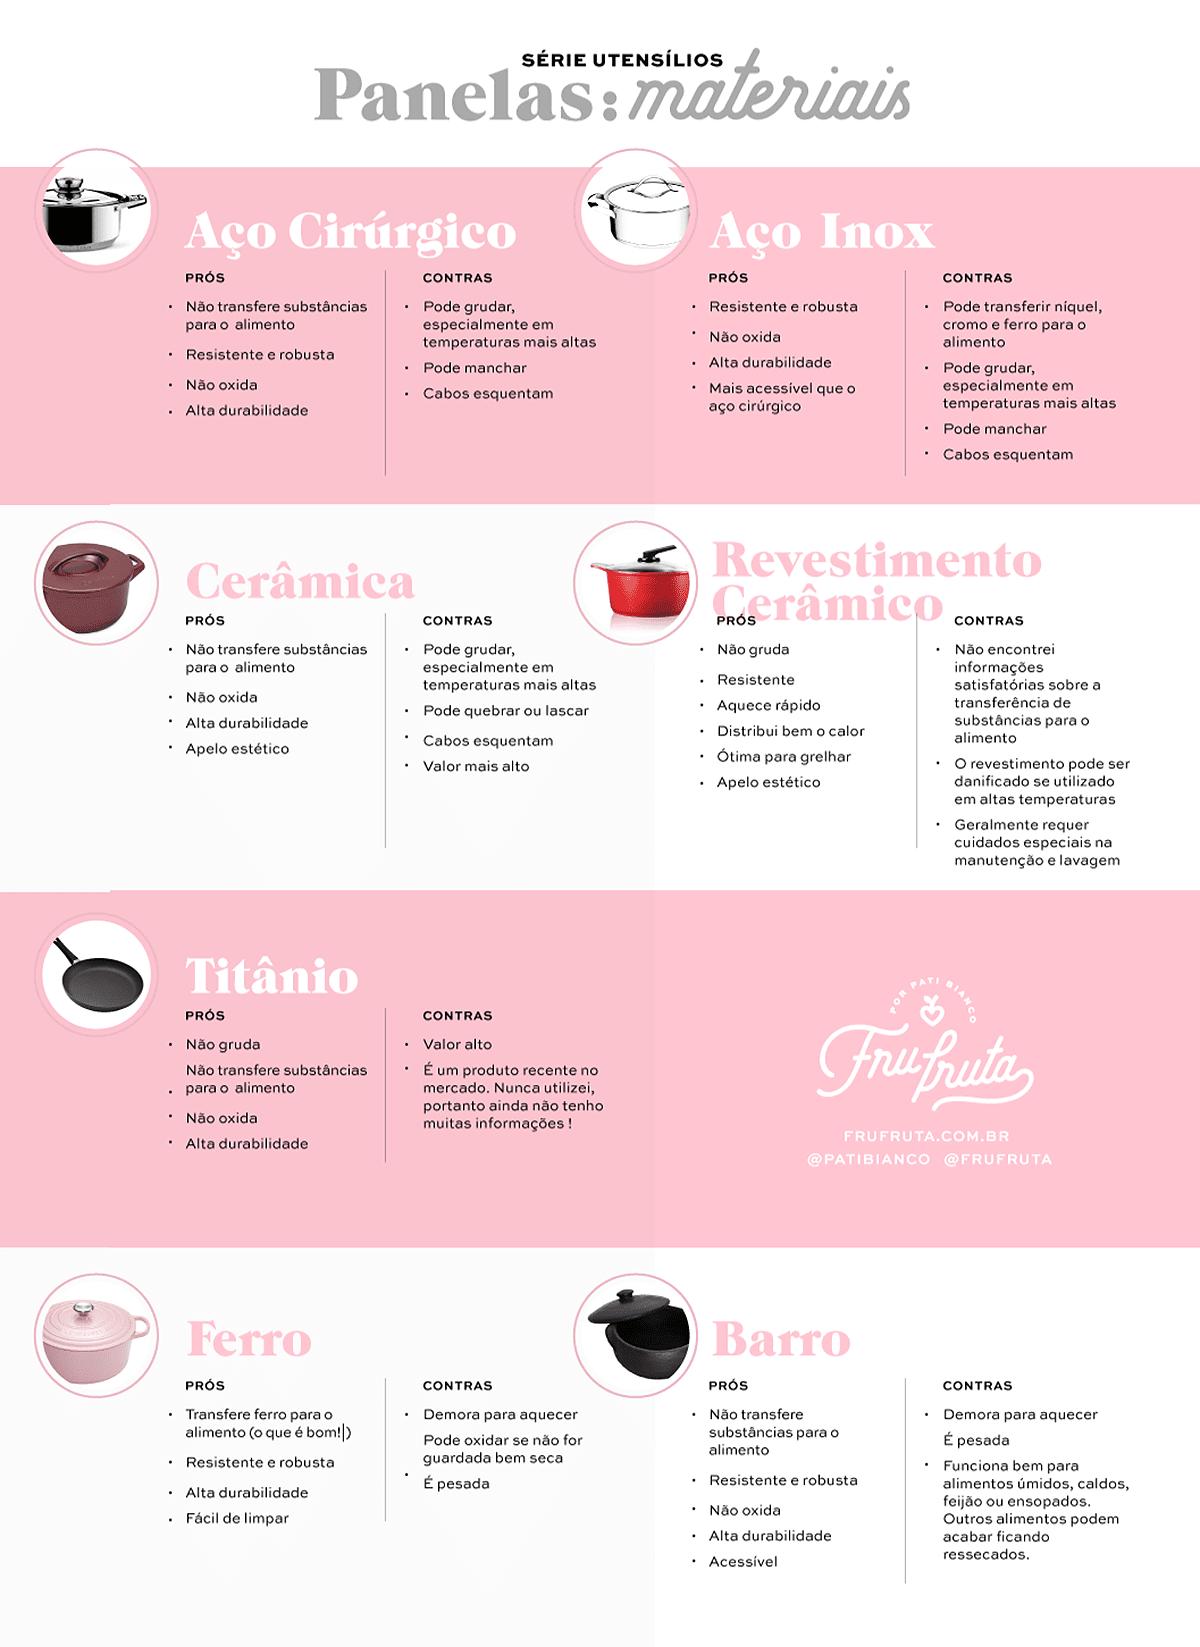 Tipos de Panela - Prós e Contras | Fru-fruta | Pati Bianco